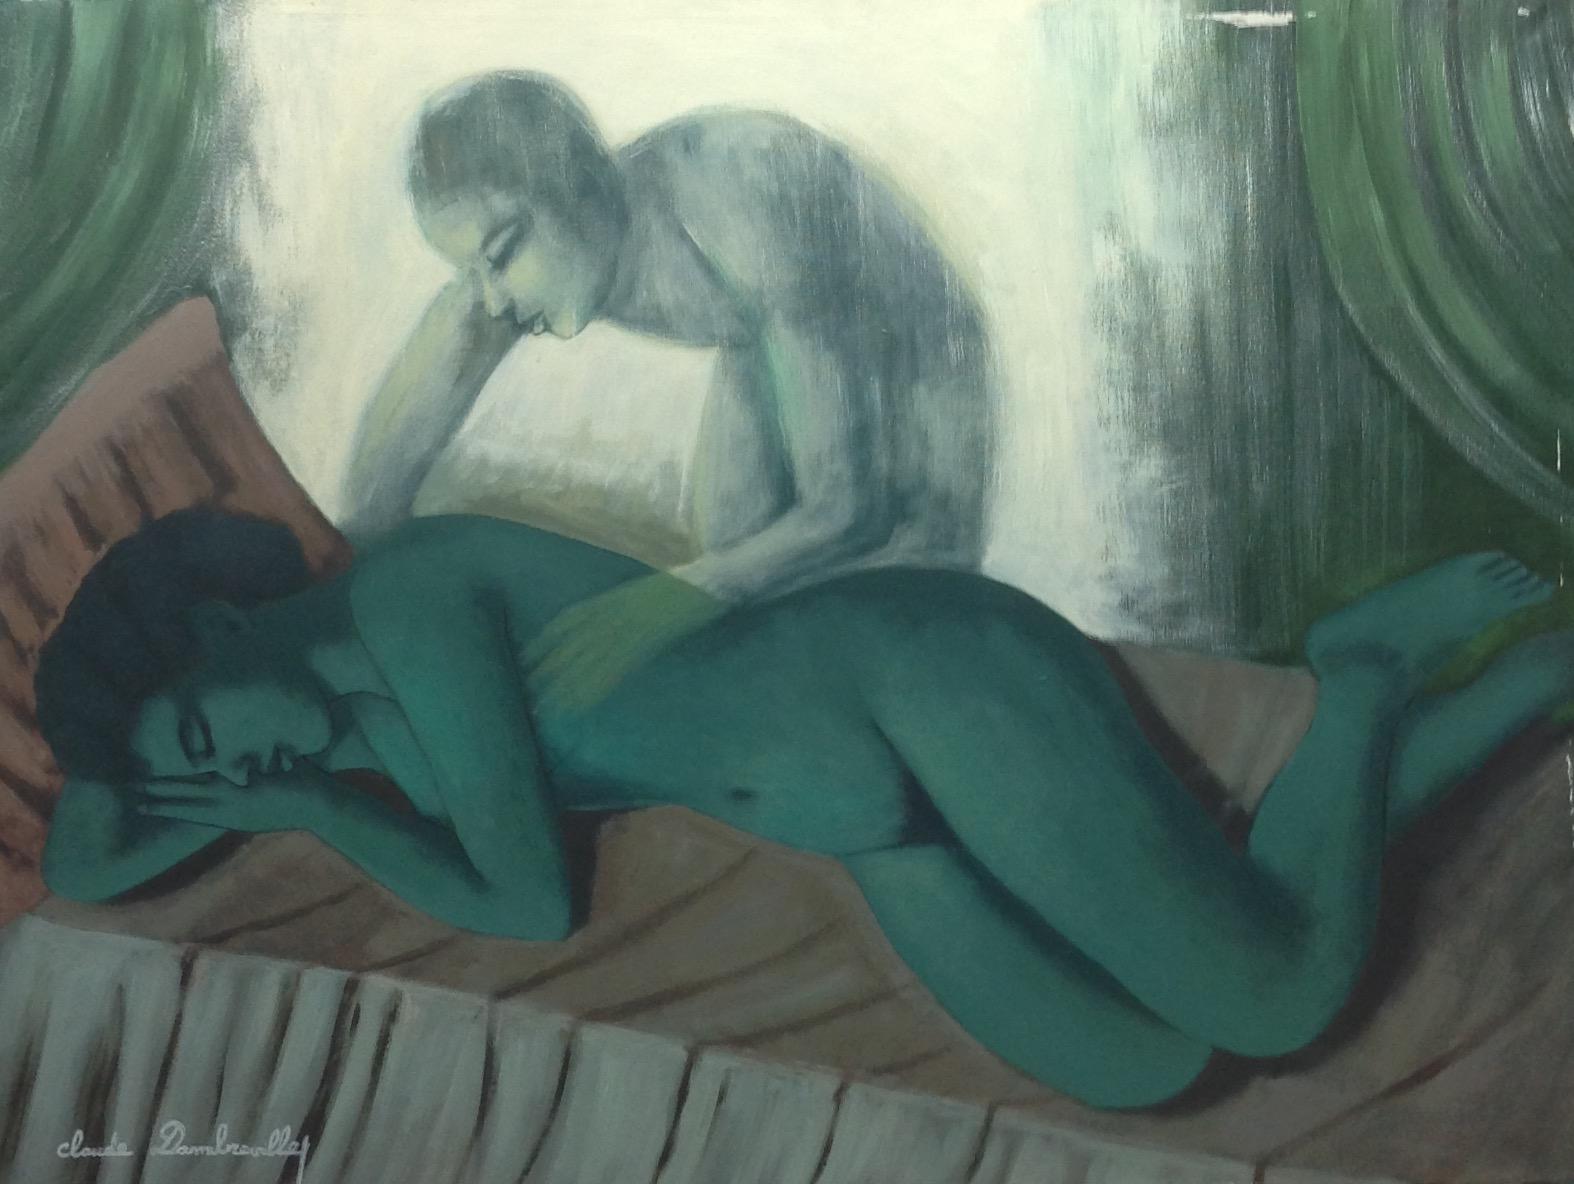 Dambreville Claude 30X40 #74-3-96 canvas 1997